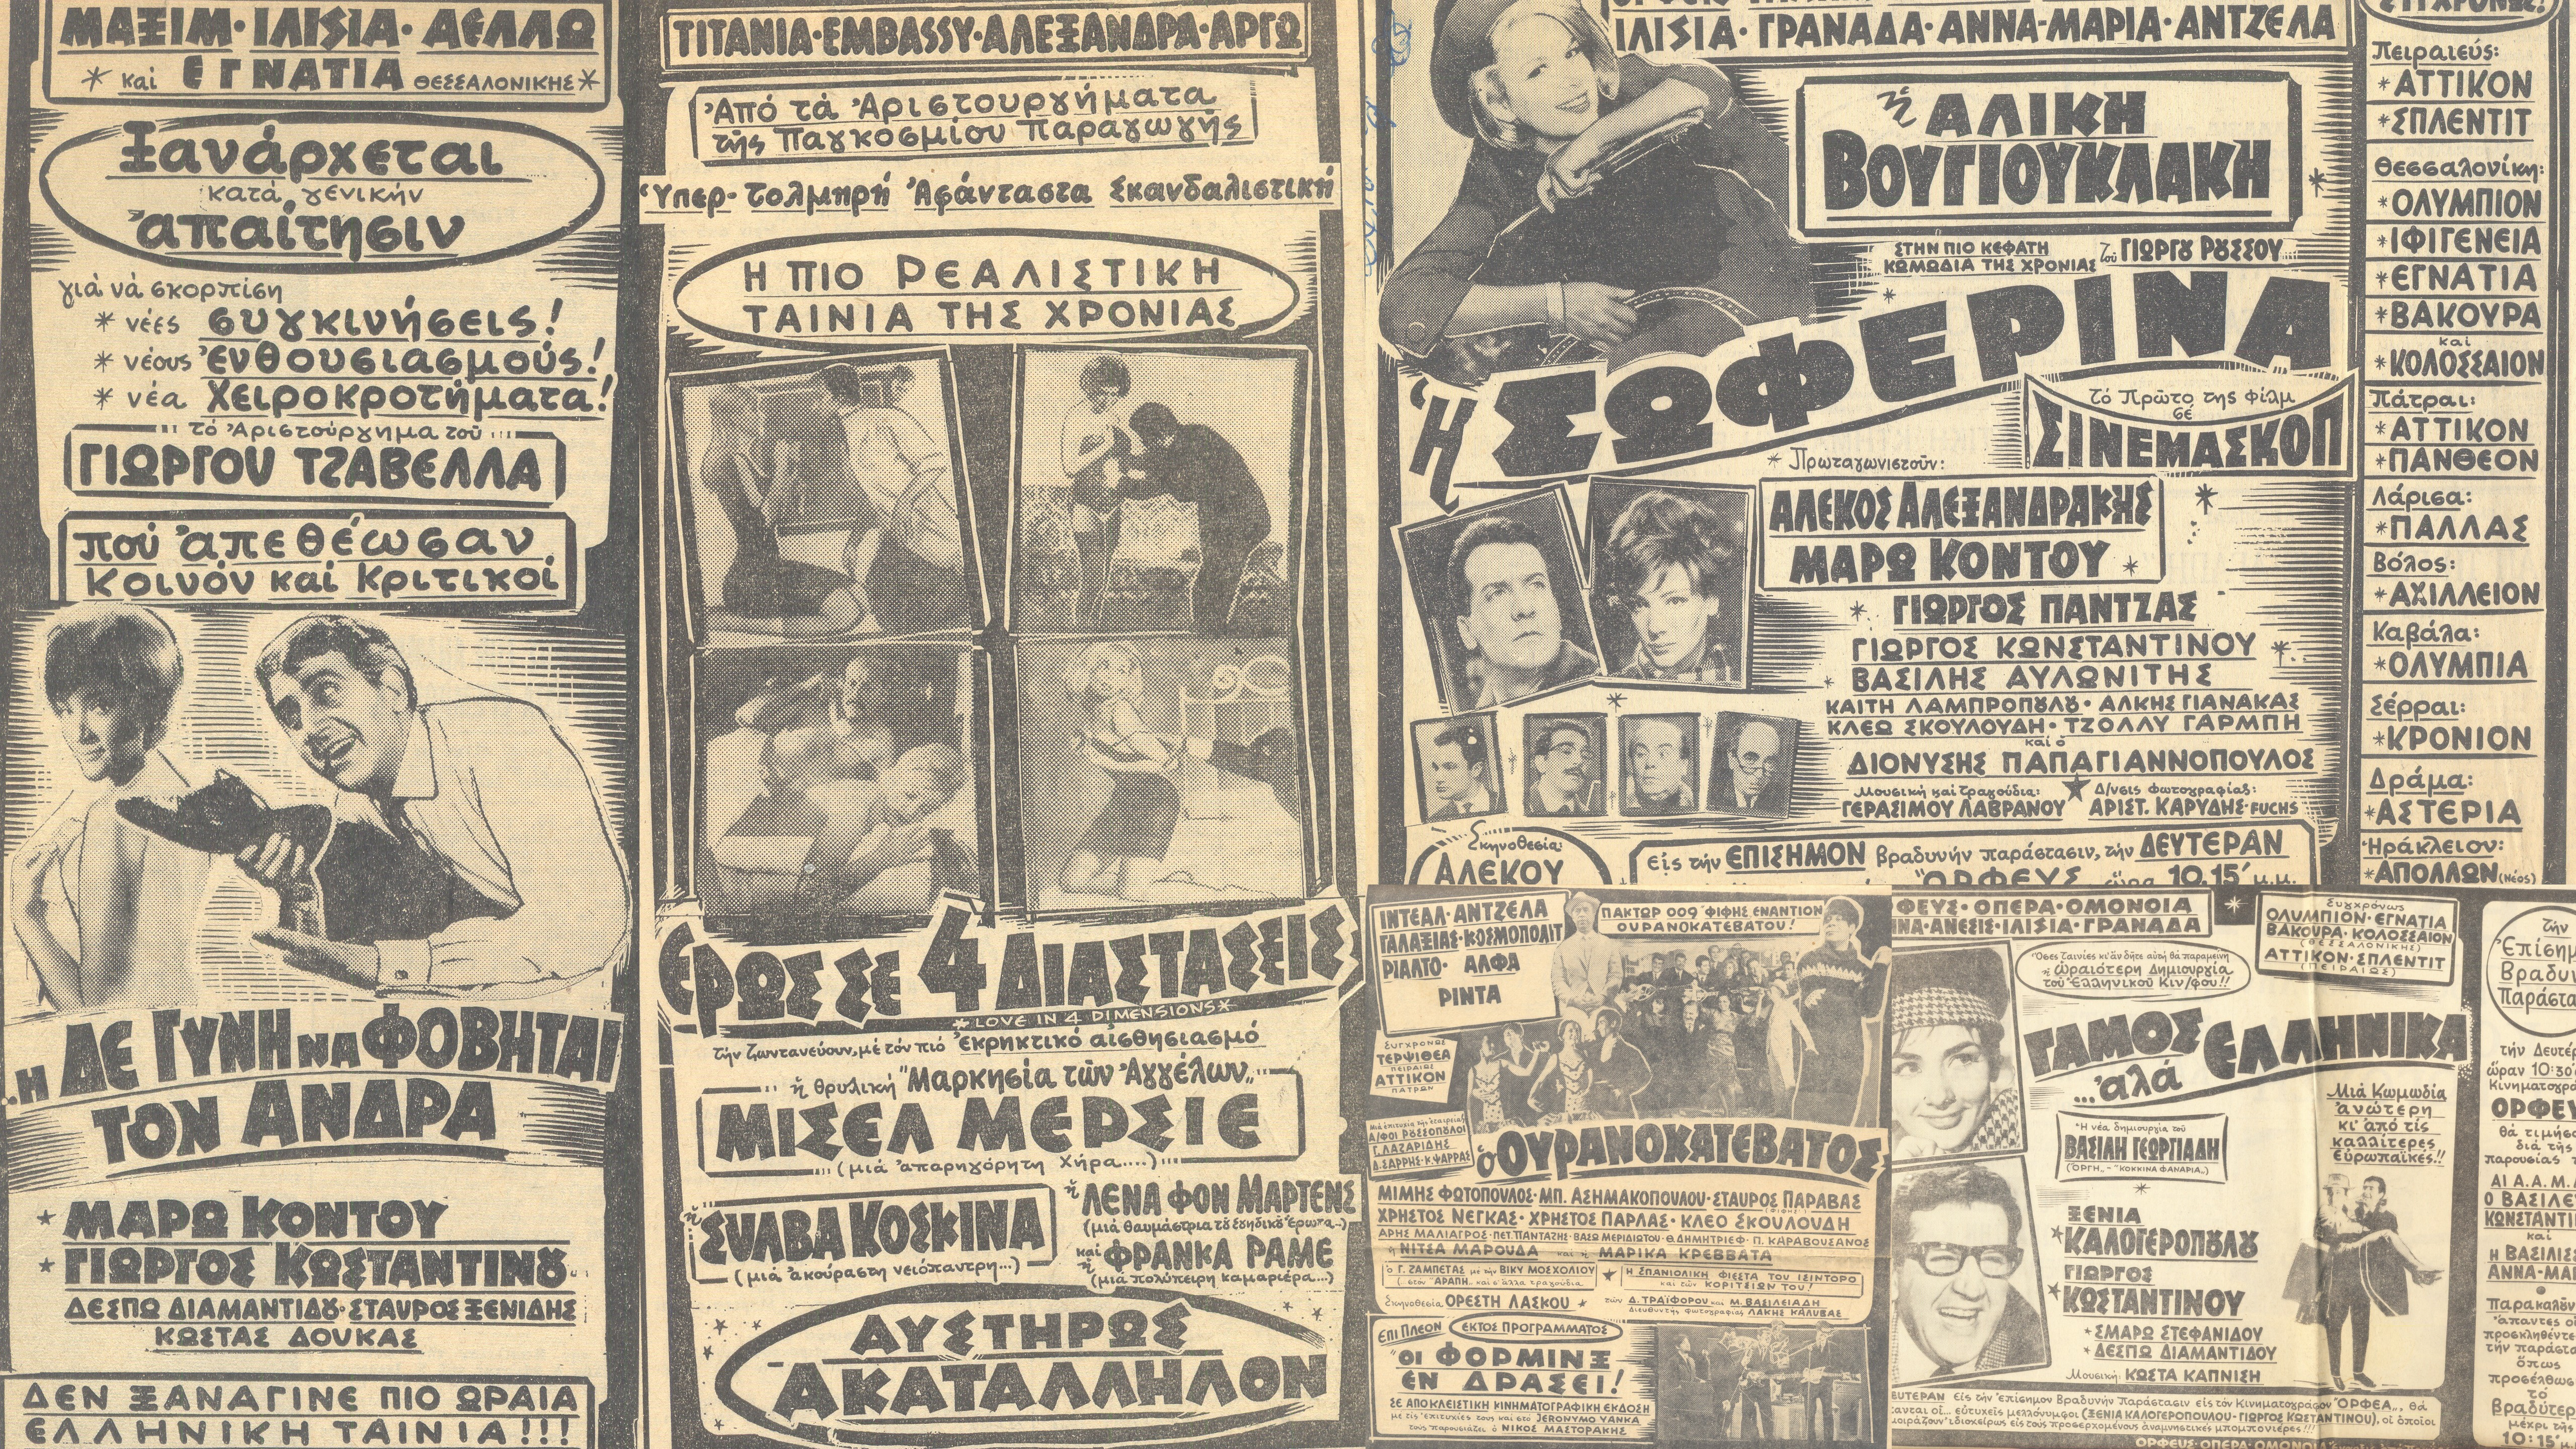 Ελληνικές και ξένες ταινίες σε σπάνια διαφημιστικά εφημερίδων